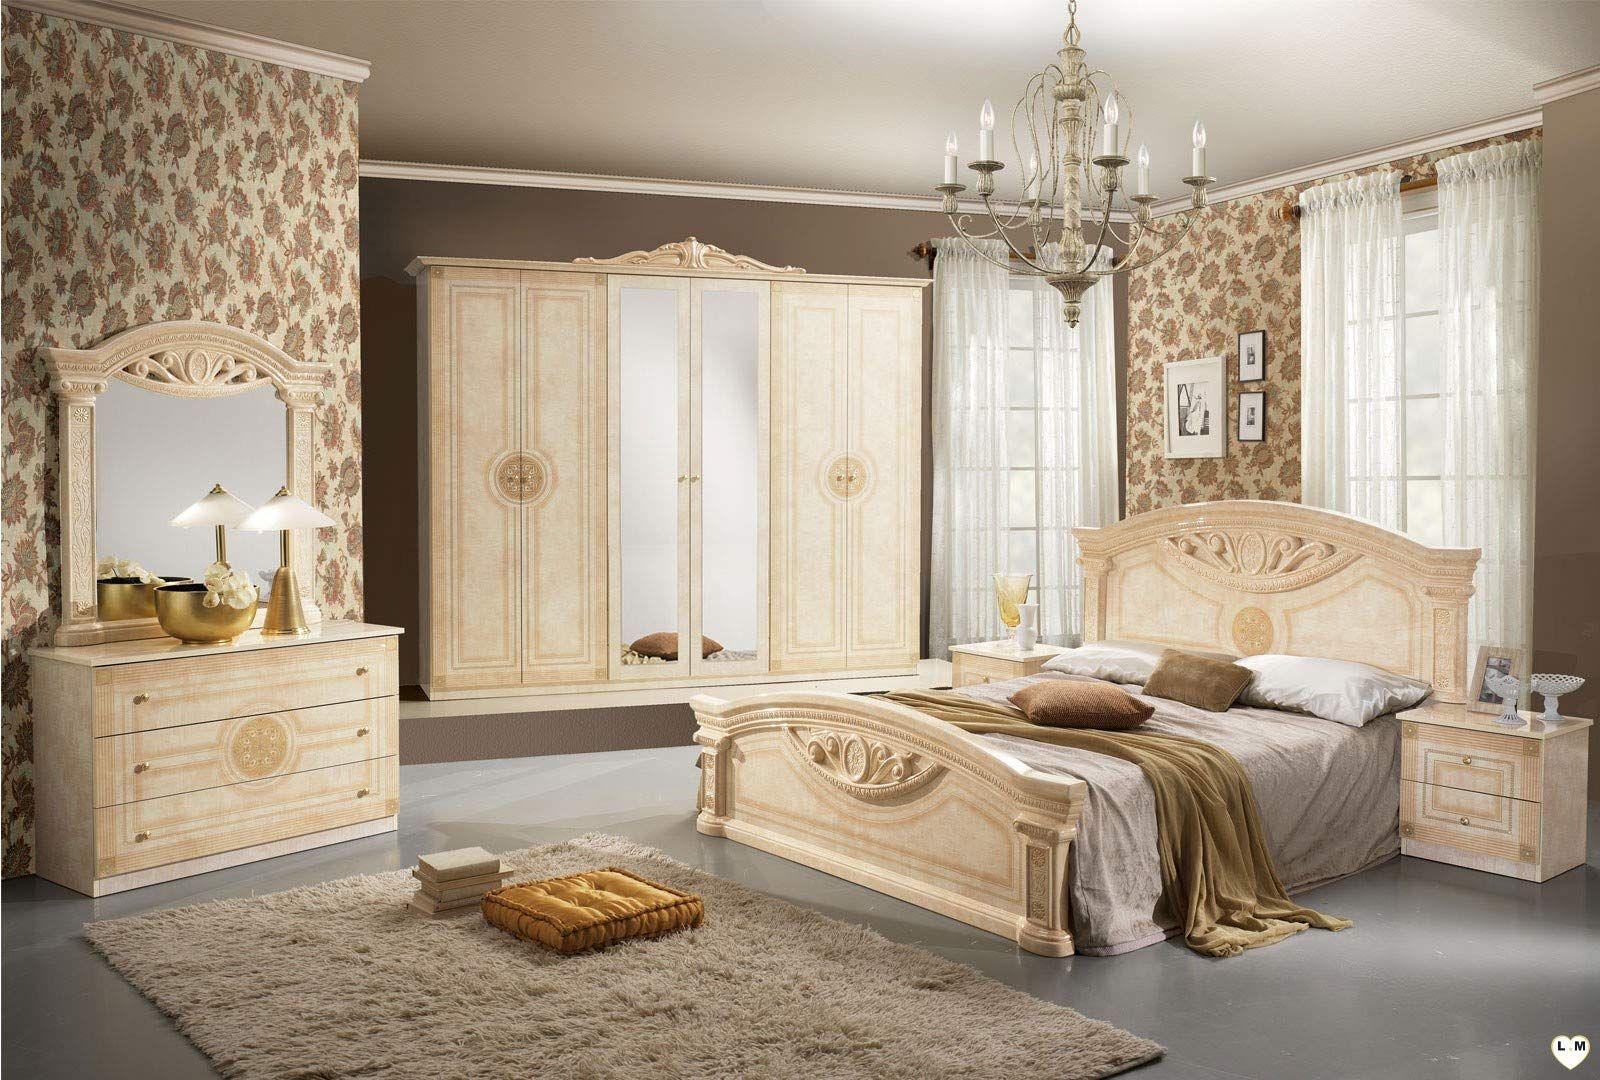 Chambre A Coucher Tunisie Frais Chambre A Coucher Italienne De Luxe Genial Chambre A Couc Chambre A Coucher Italienne Chambre A Coucher Chambre A Coucher Noire